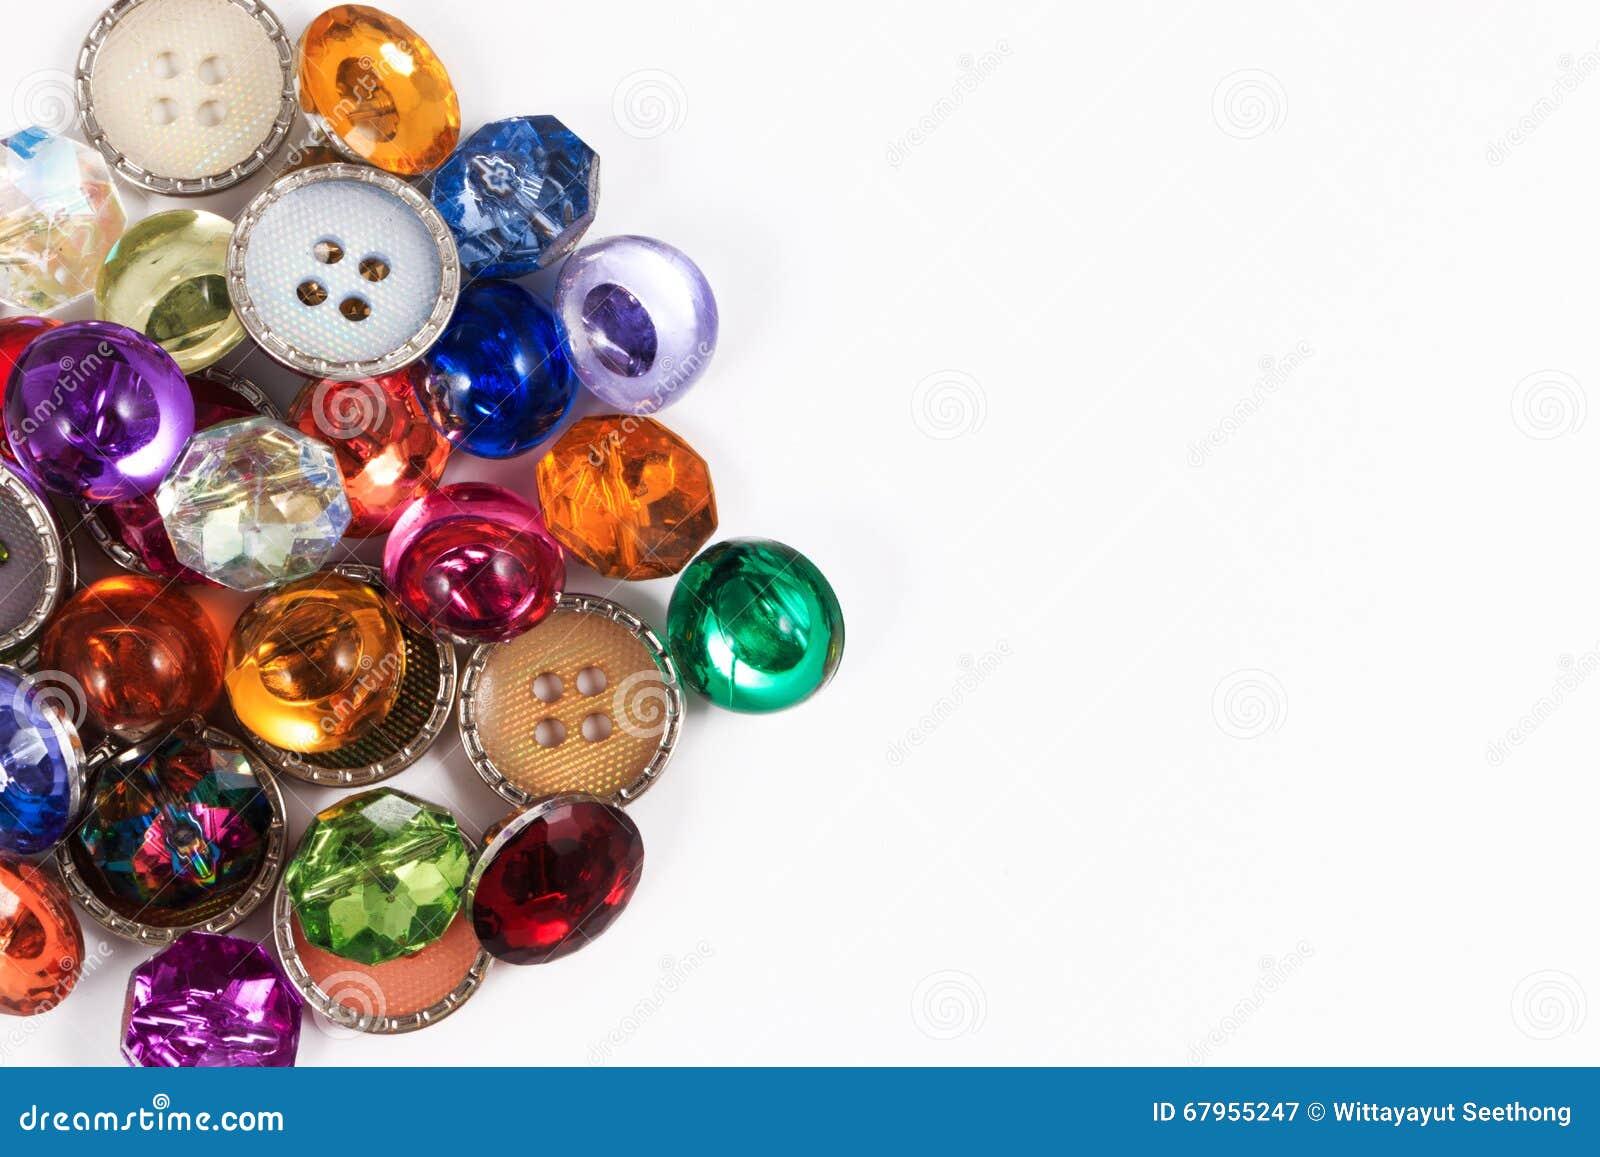 Botones de costura del botón o del libro de recuerdos del vintage colorido decorativo